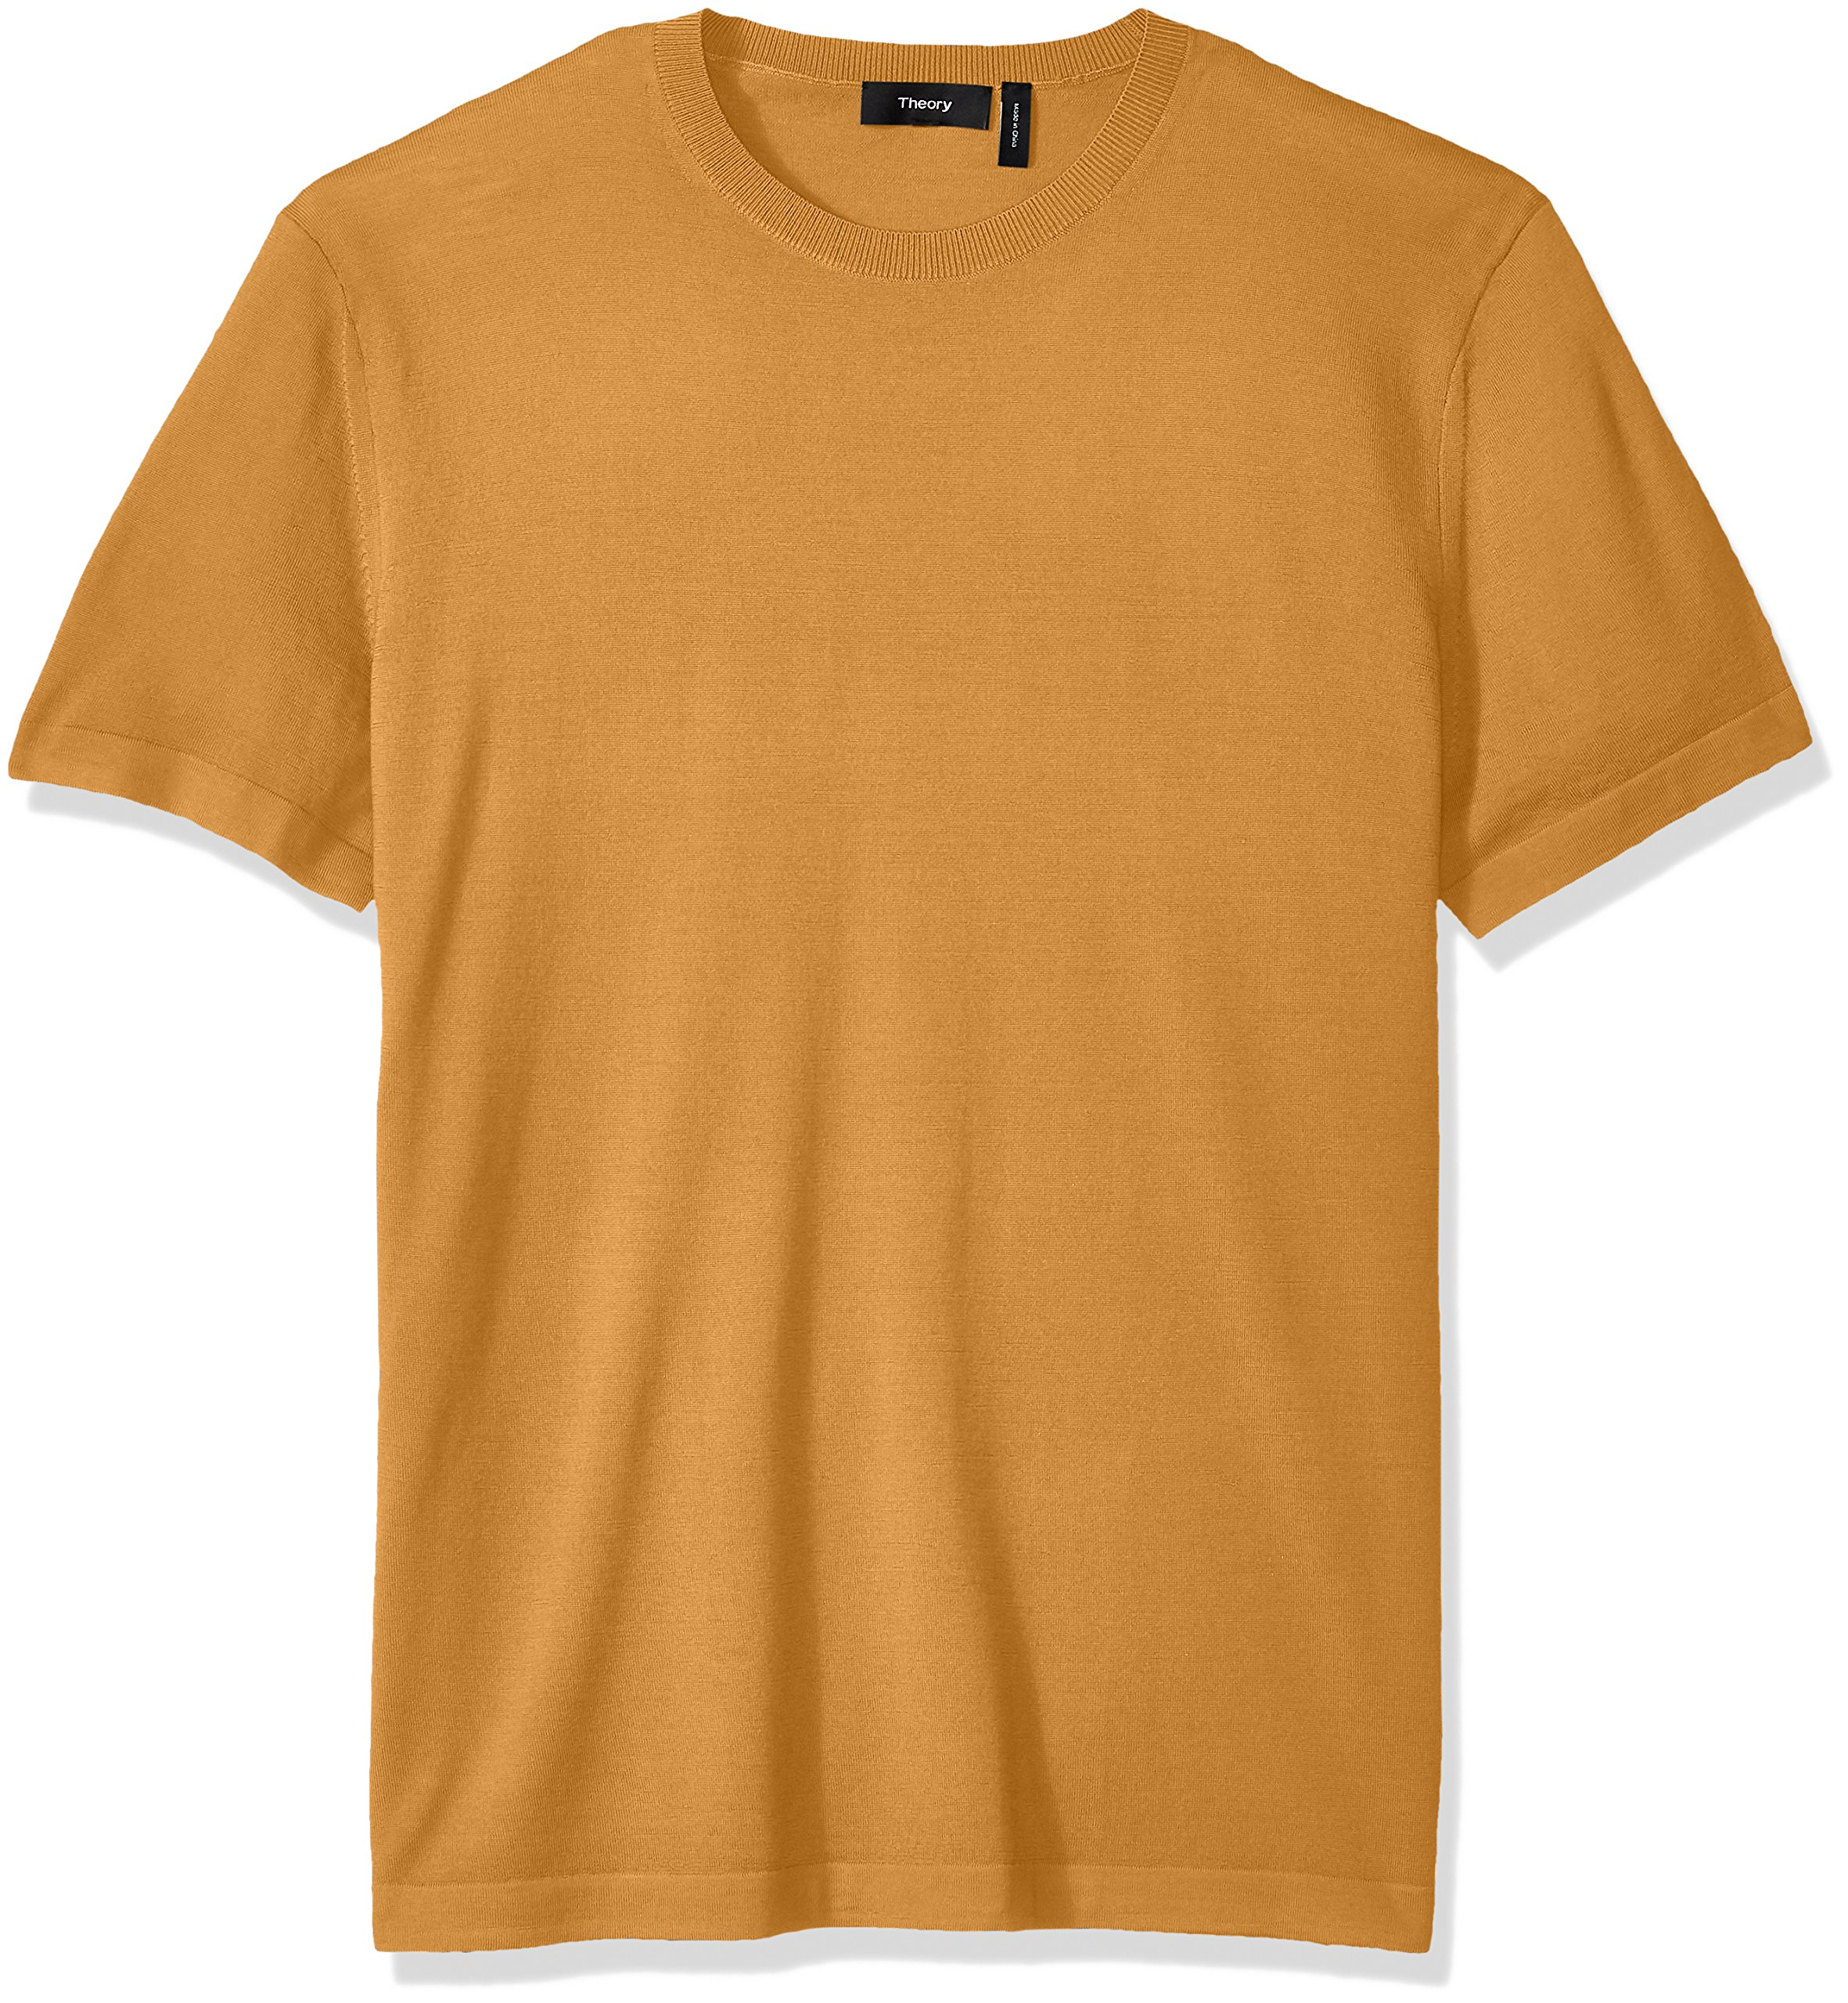 Theory Men's Veloy Leden Luxe Merino Short Sleeve, Sunset XL